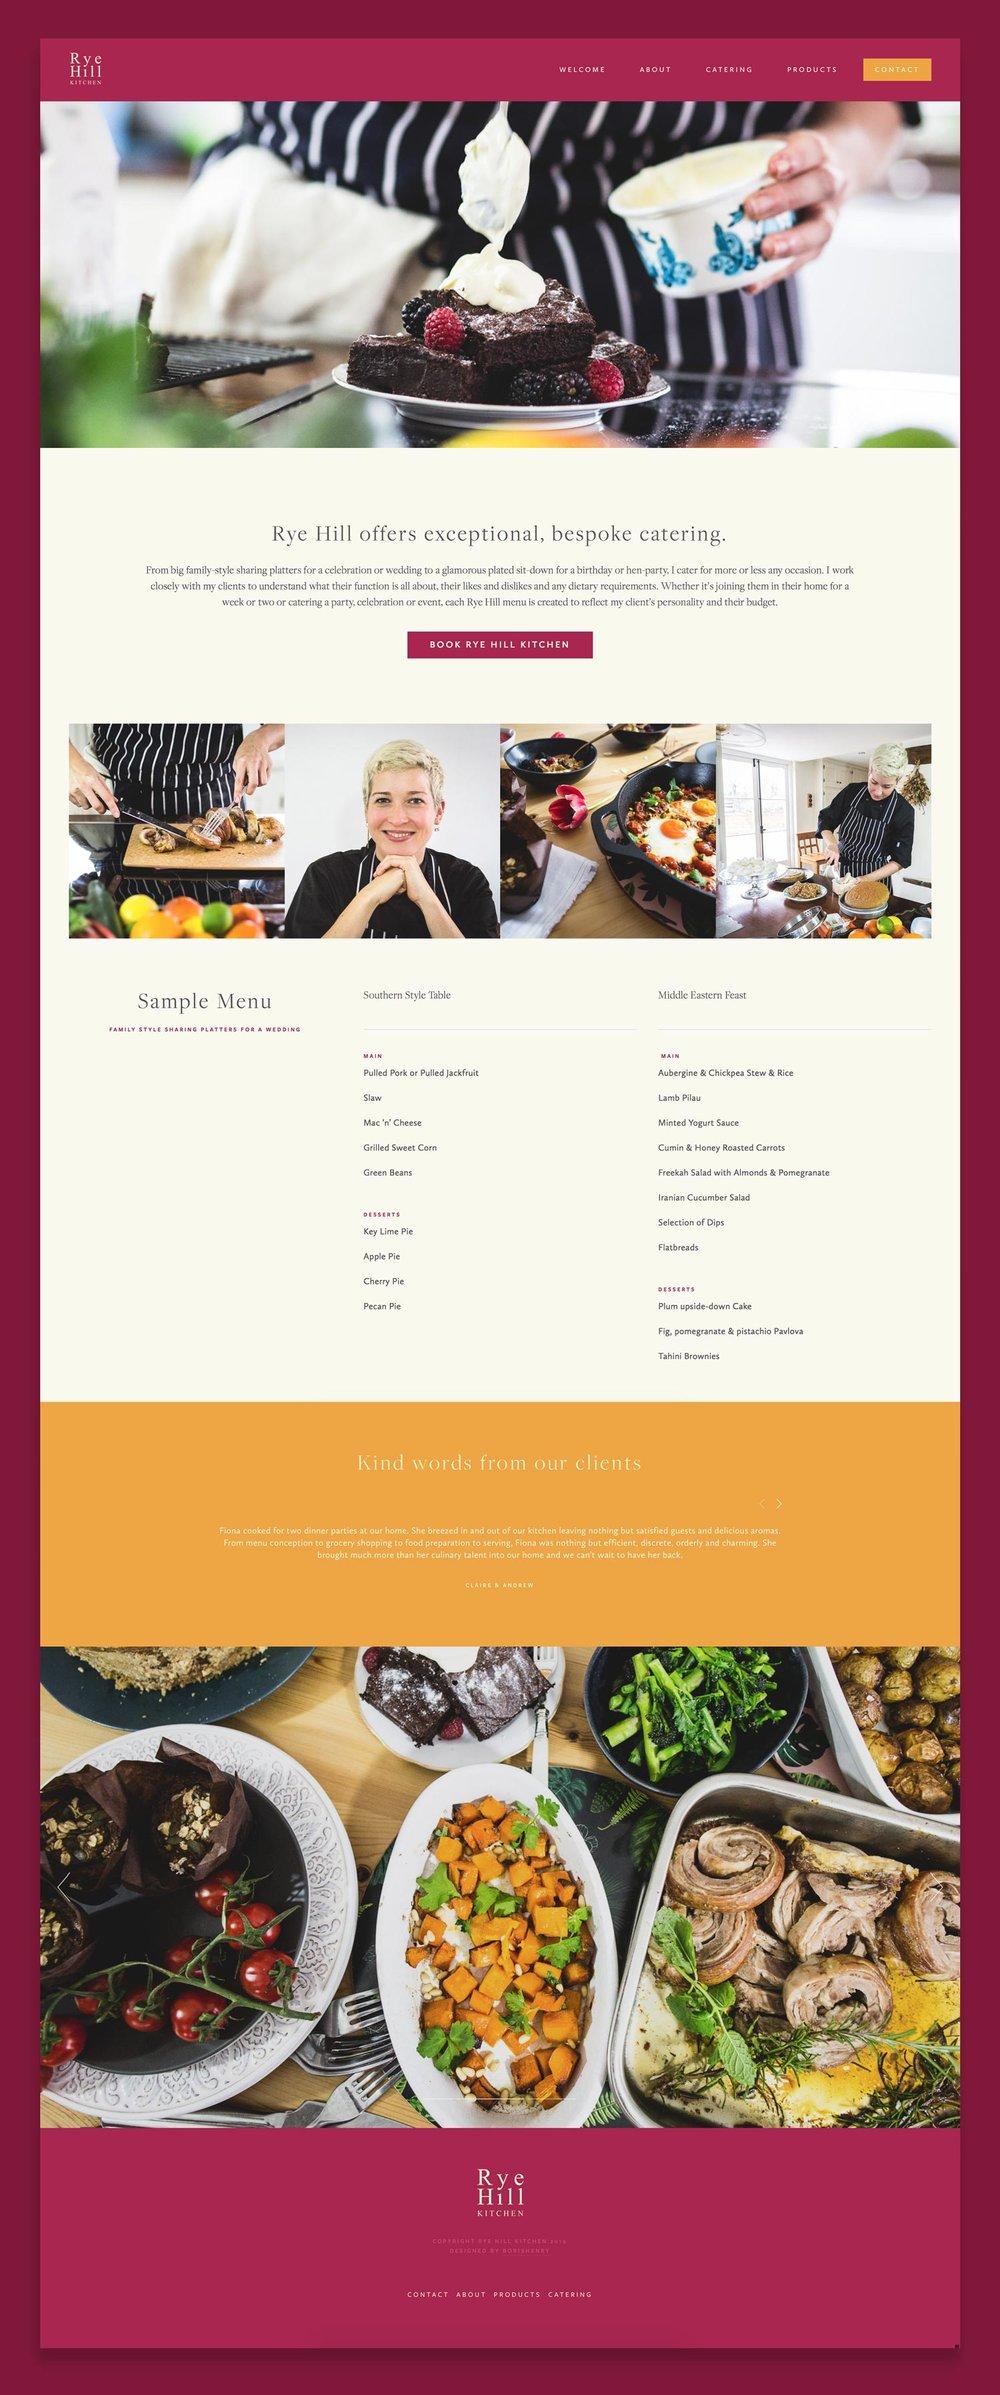 Rye-Hill-Kitchen-1.jpg